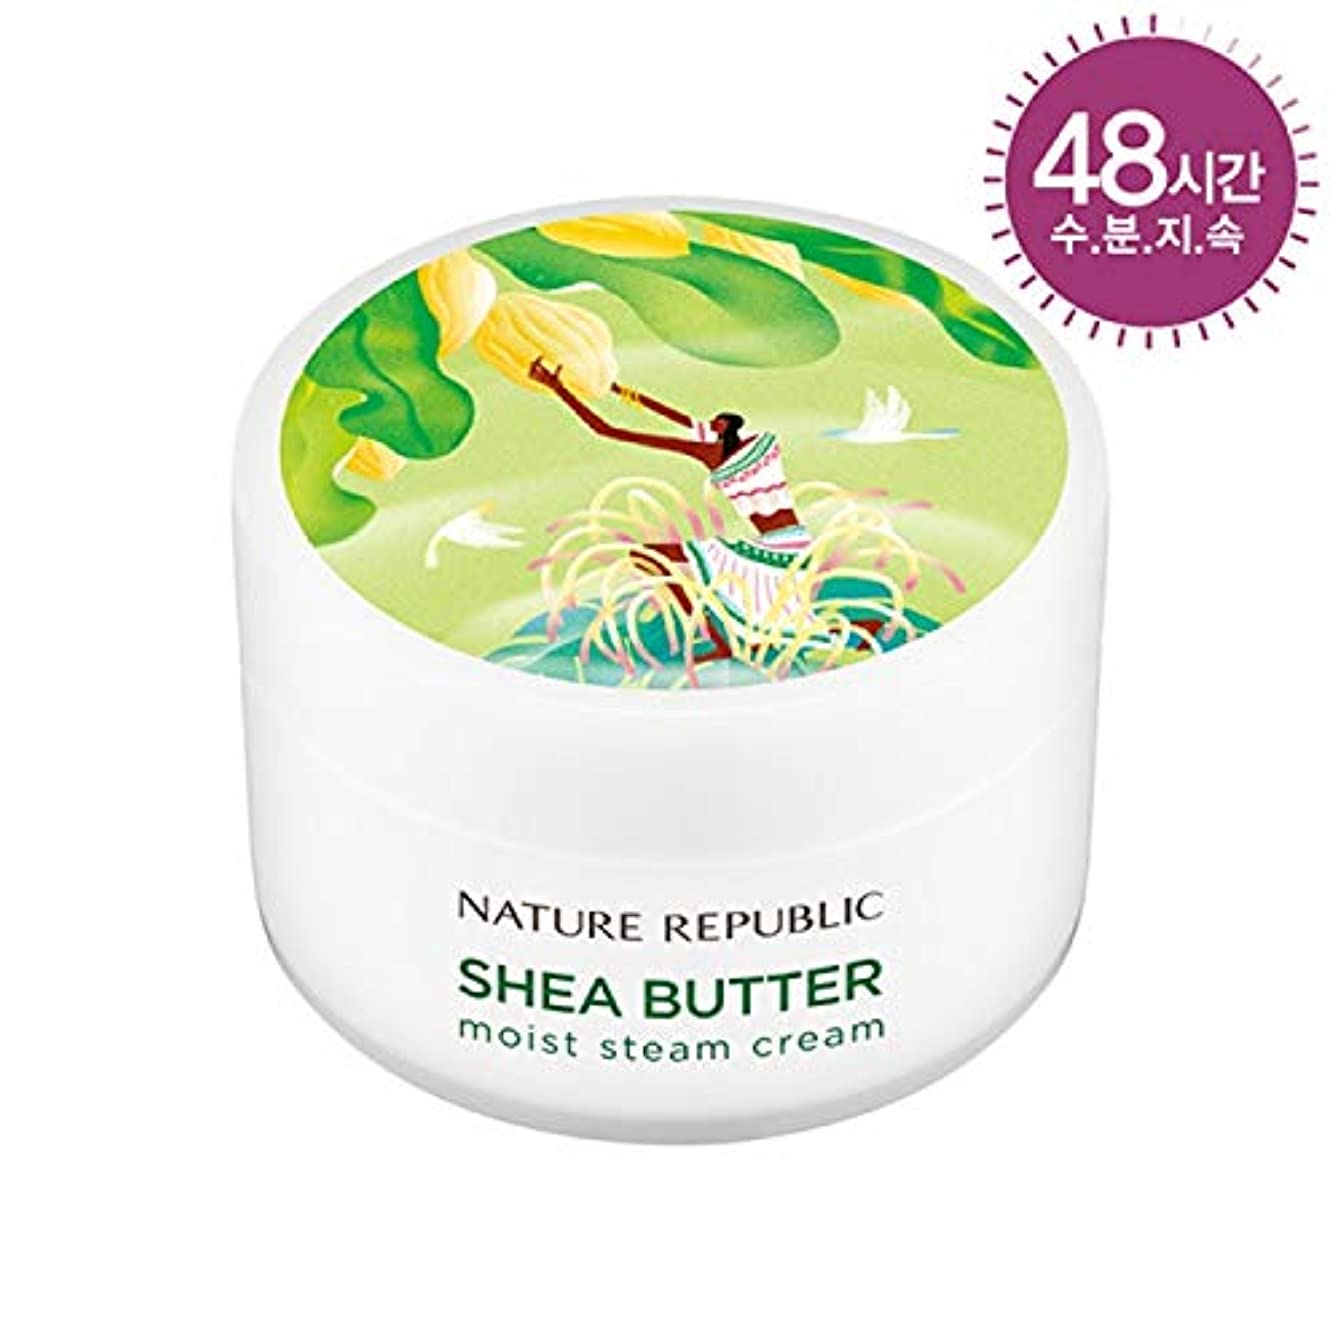 ボンドスズメバチシェルターネイチャーリパブリック(Nature Republic)シェアバタースチームクリームモイスト[中乾燥肌] 100ml / Shea Butter Steam Cream 100ml (Moist) :: 韓国コスメ [並行輸入品]